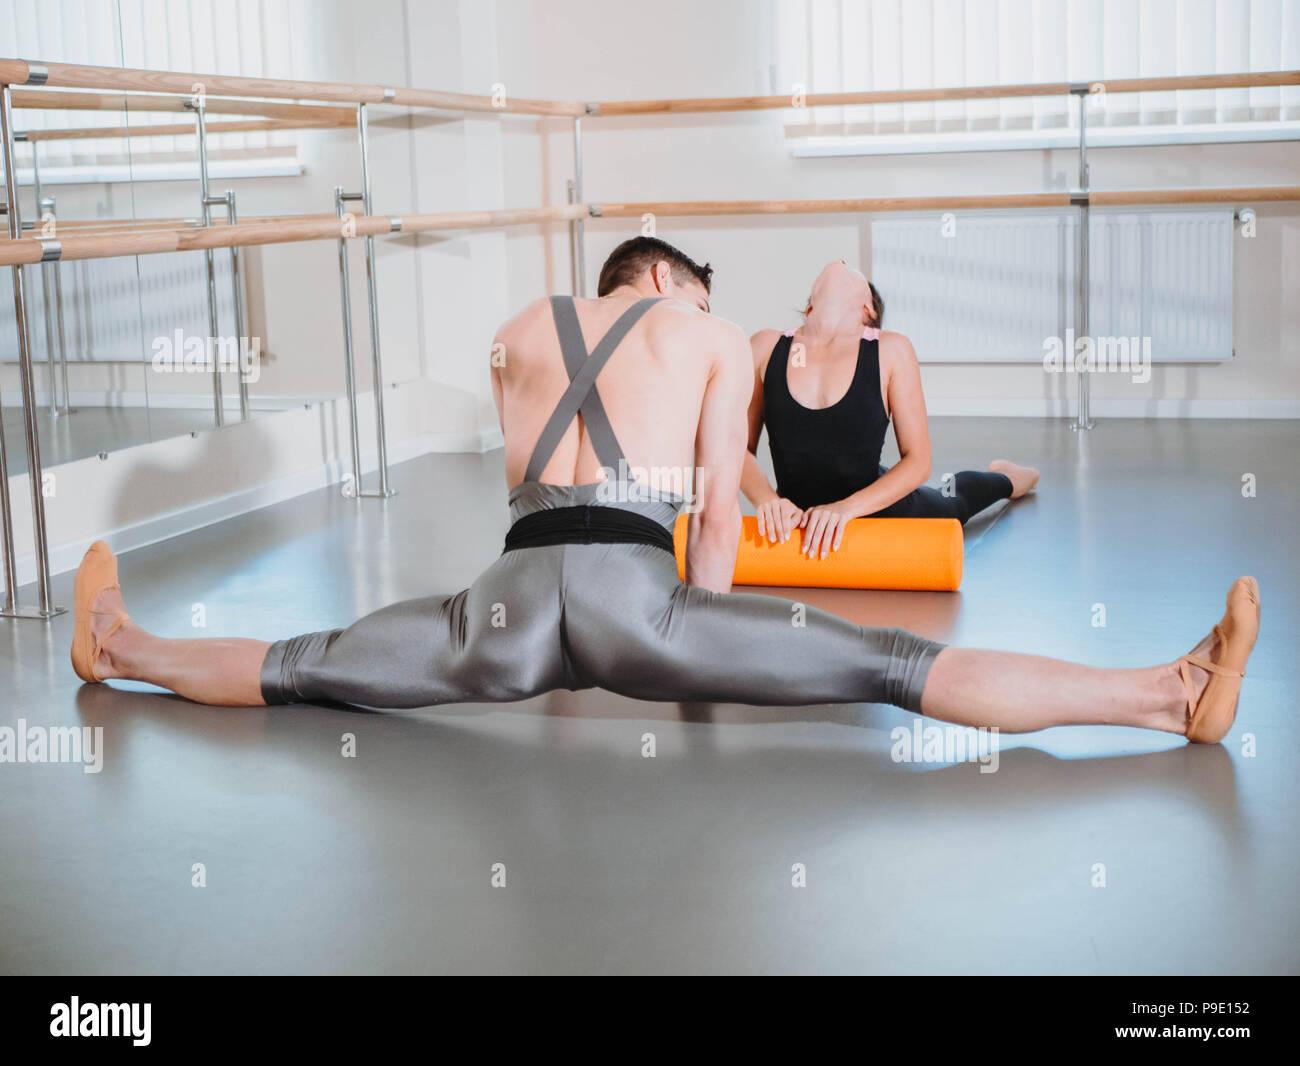 Vorbereitung von Körper, bevor die Leistung im Ballett Studio. Männliche Tänzer und Tänzerin aufwärmen in der Nähe der Barre auf Probe. Stockbild